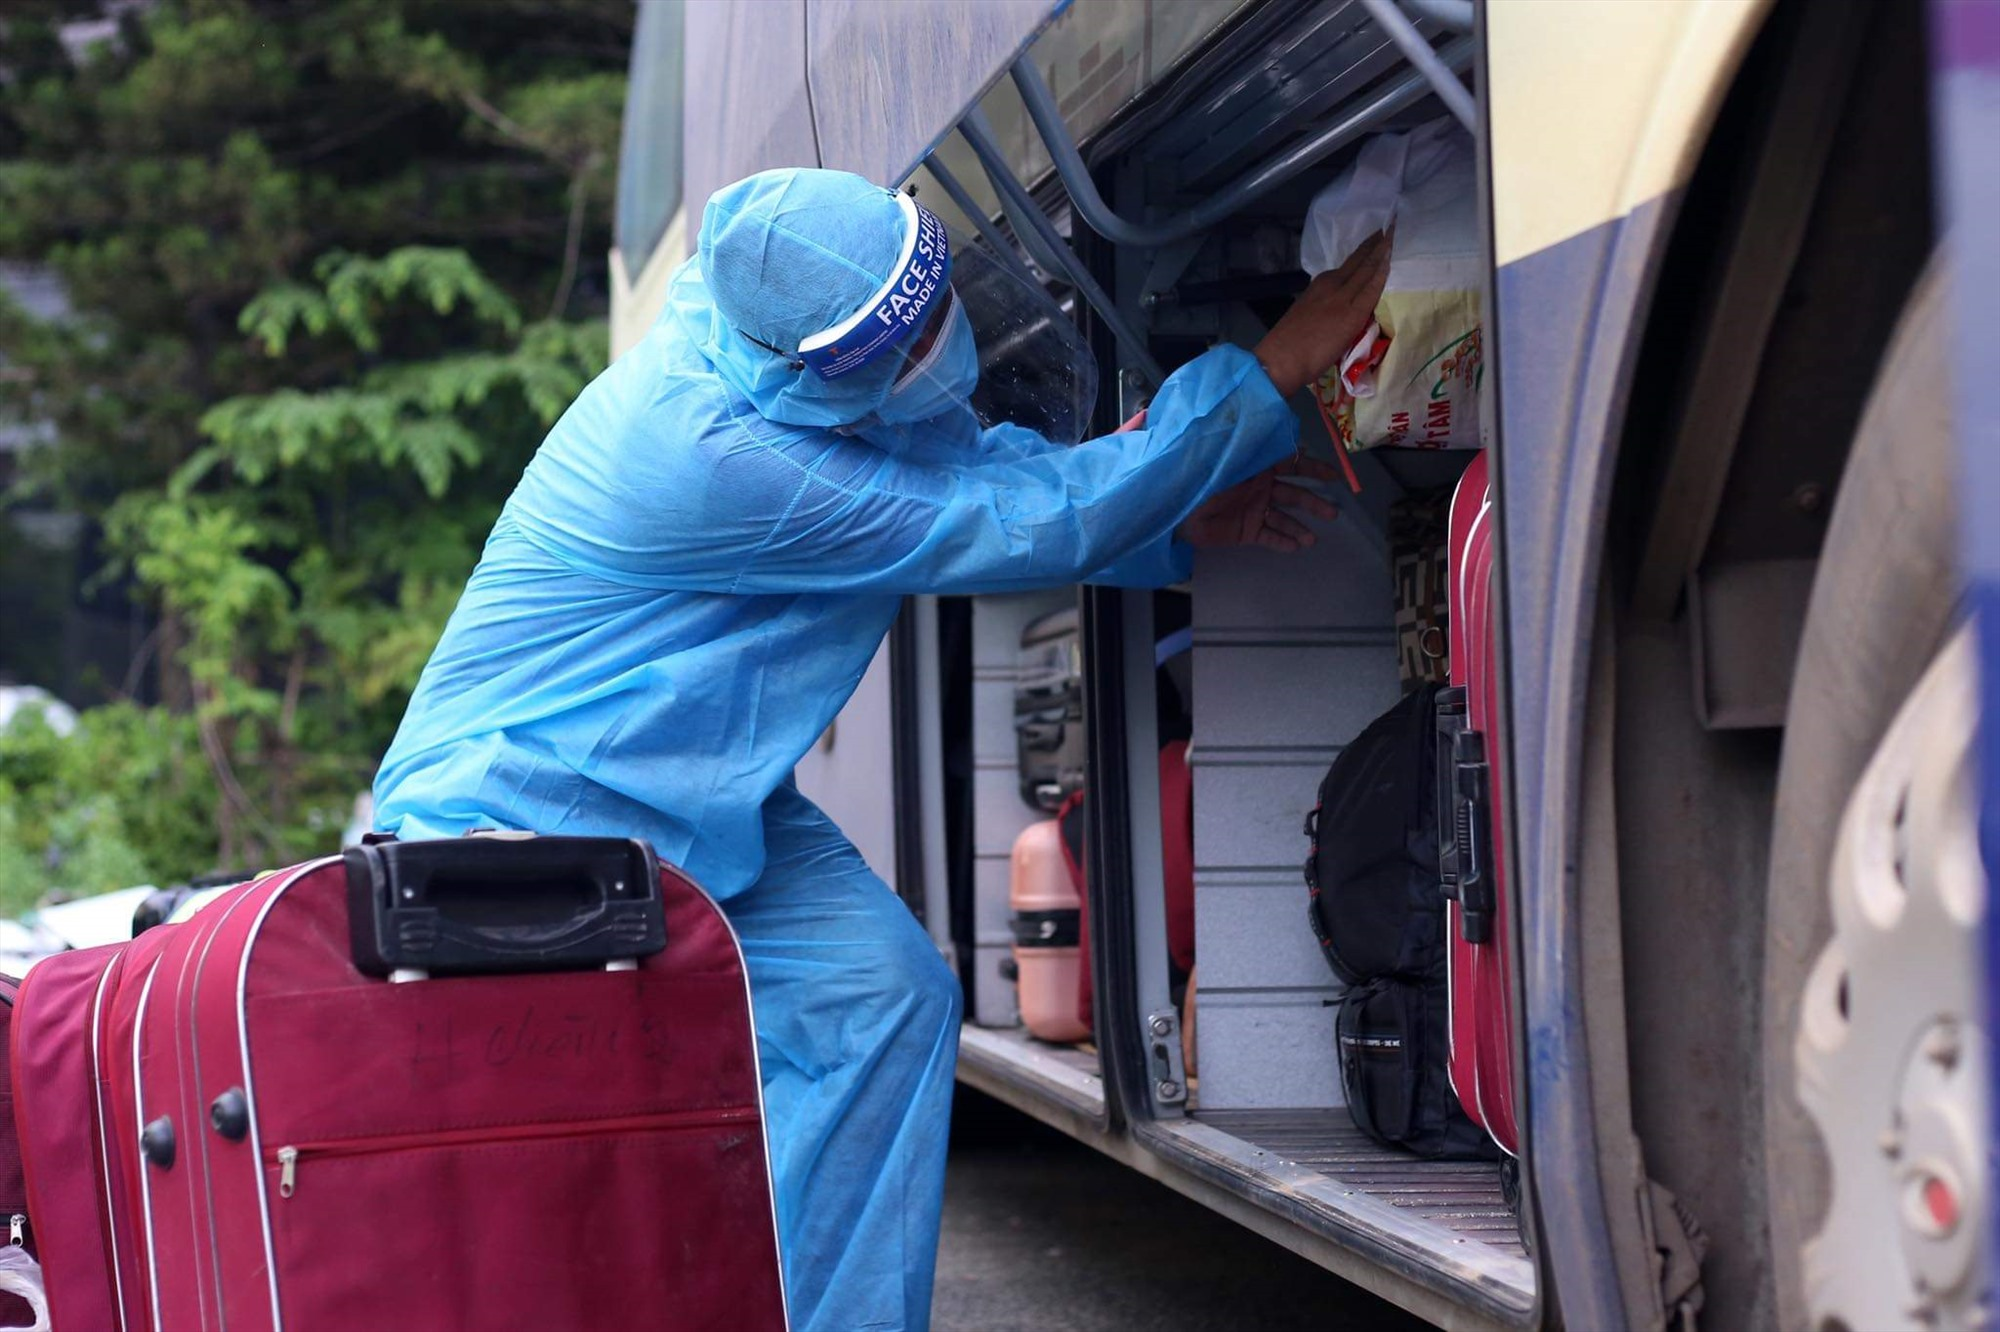 Anh Dũng sắp xếp hành lý giúp các đồng hương.